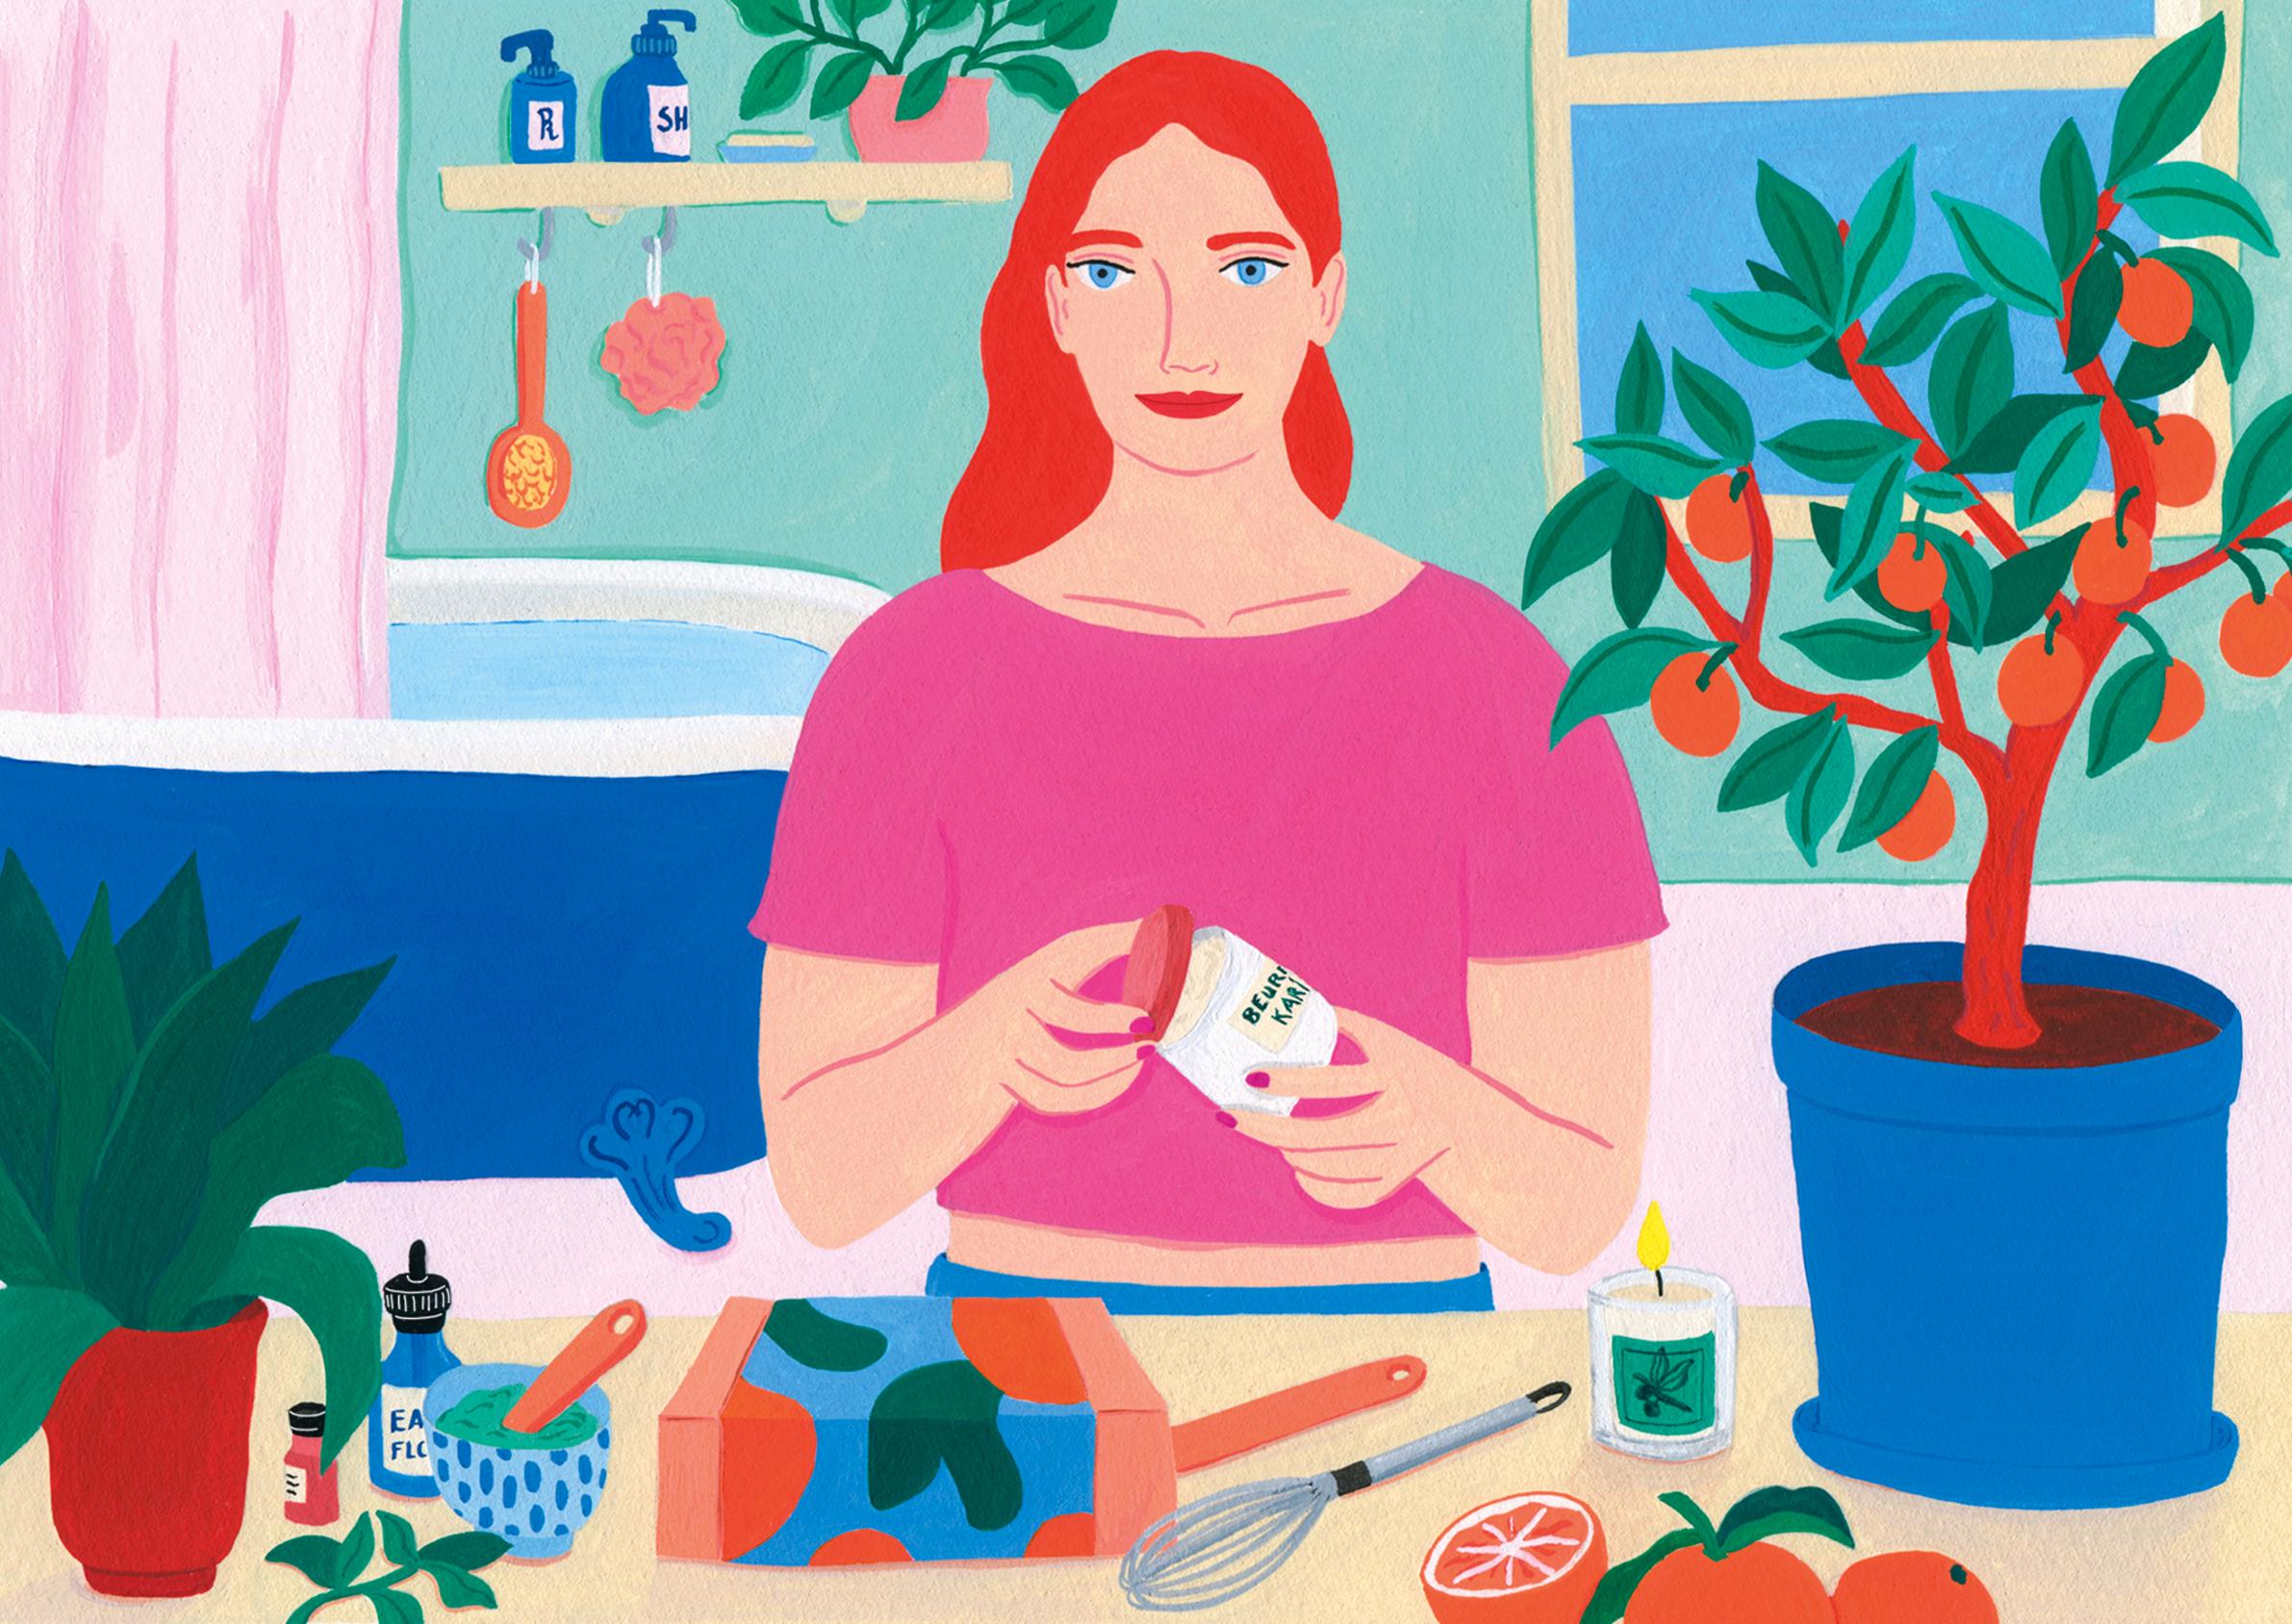 Marie Pellet - Kumaneko - eshop - site web - Illustration - cosmétiques - bio - DIY - Beauté naturelle - Kit - gouache - branding - packaging - femme - portrait